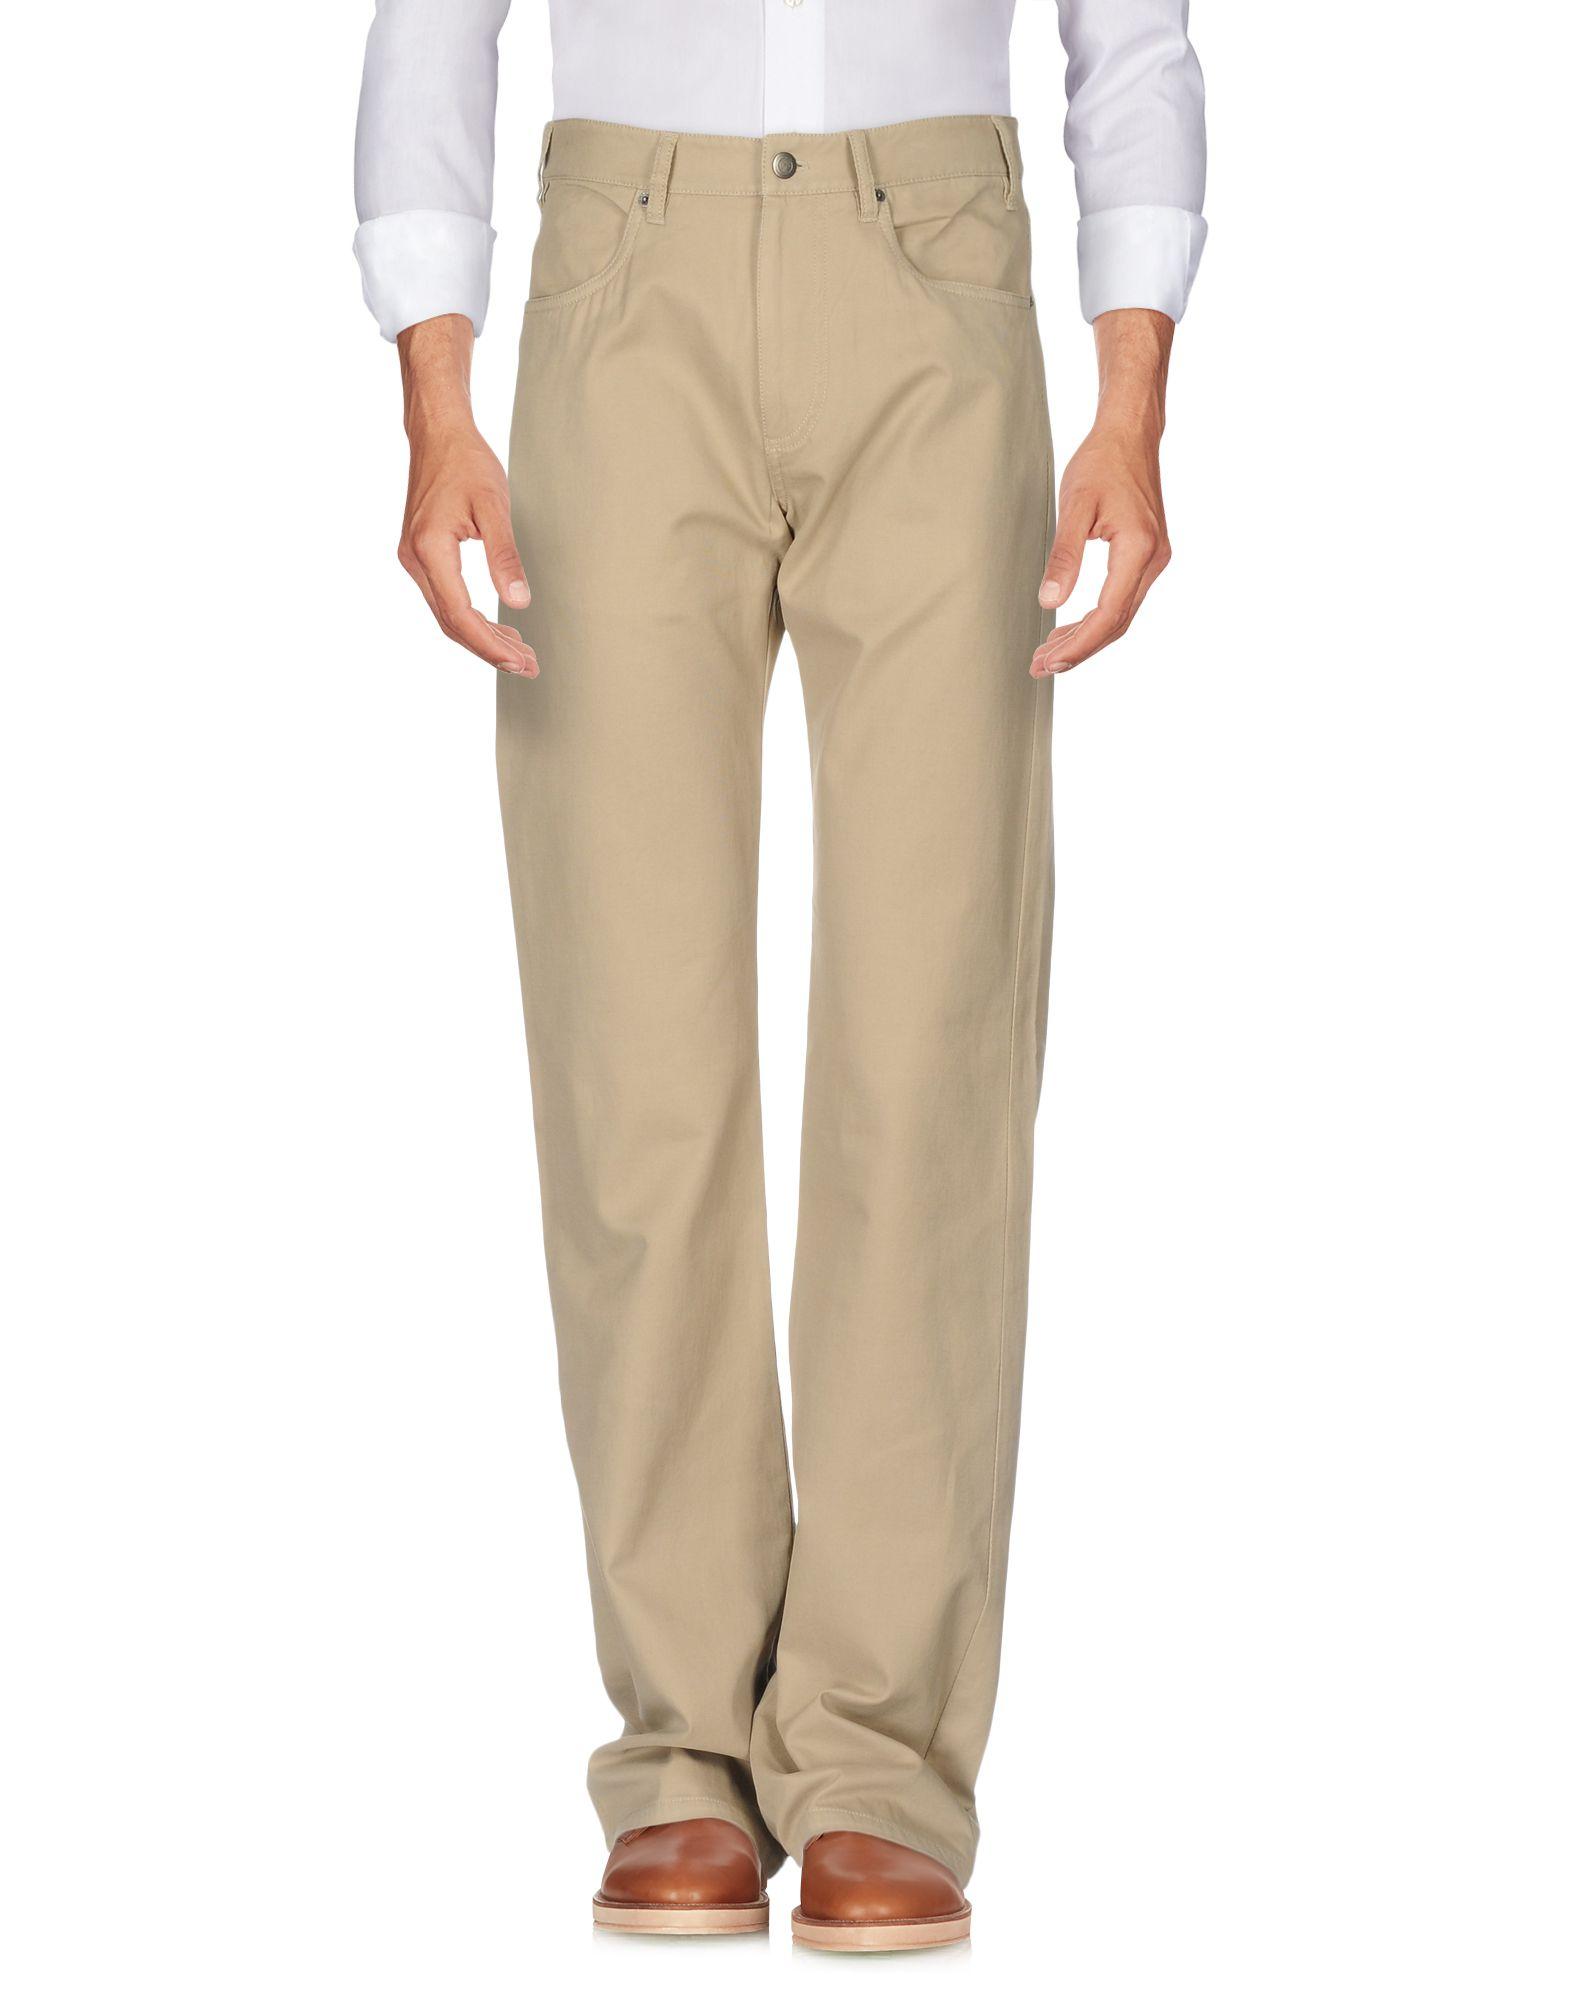 цены на ARMANI COLLEZIONI Повседневные брюки в интернет-магазинах